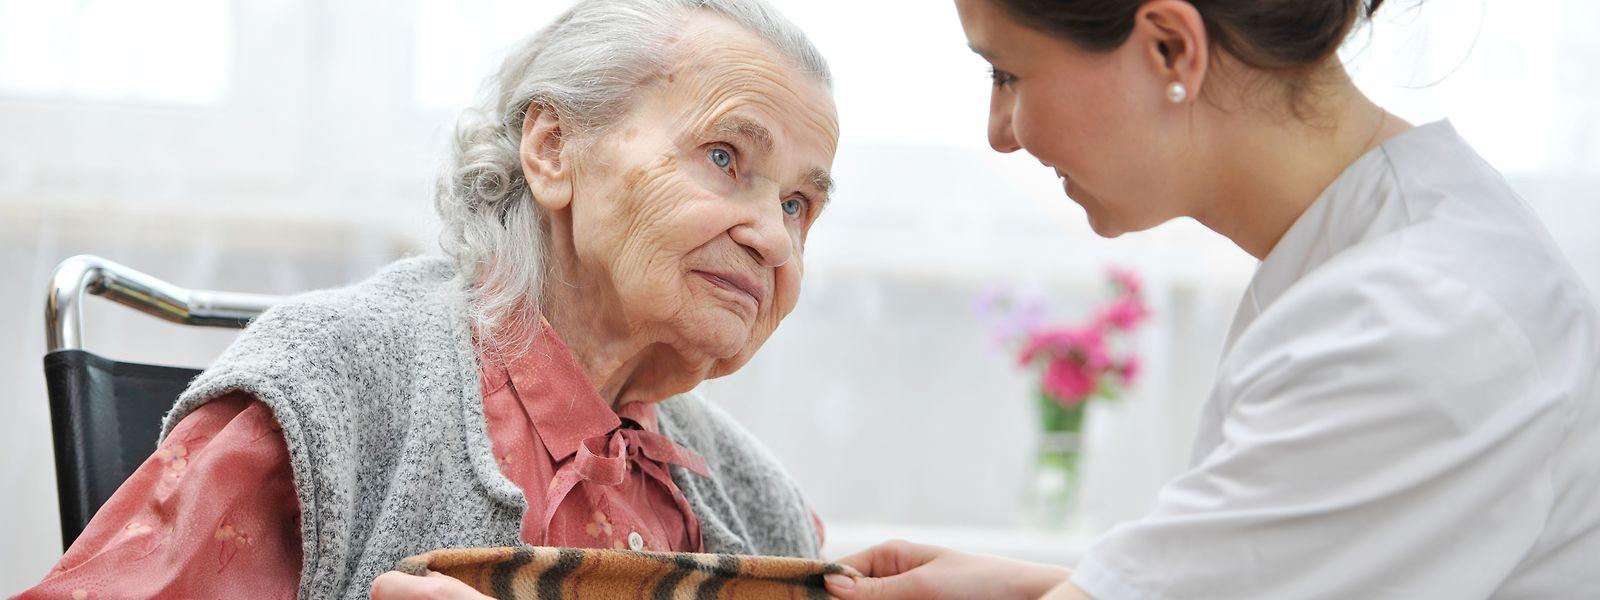 Wegen der Corona-Krise wurden die Aktivitäten in den Pflegeeinrichtungen auf das Notwendigste reduziert.